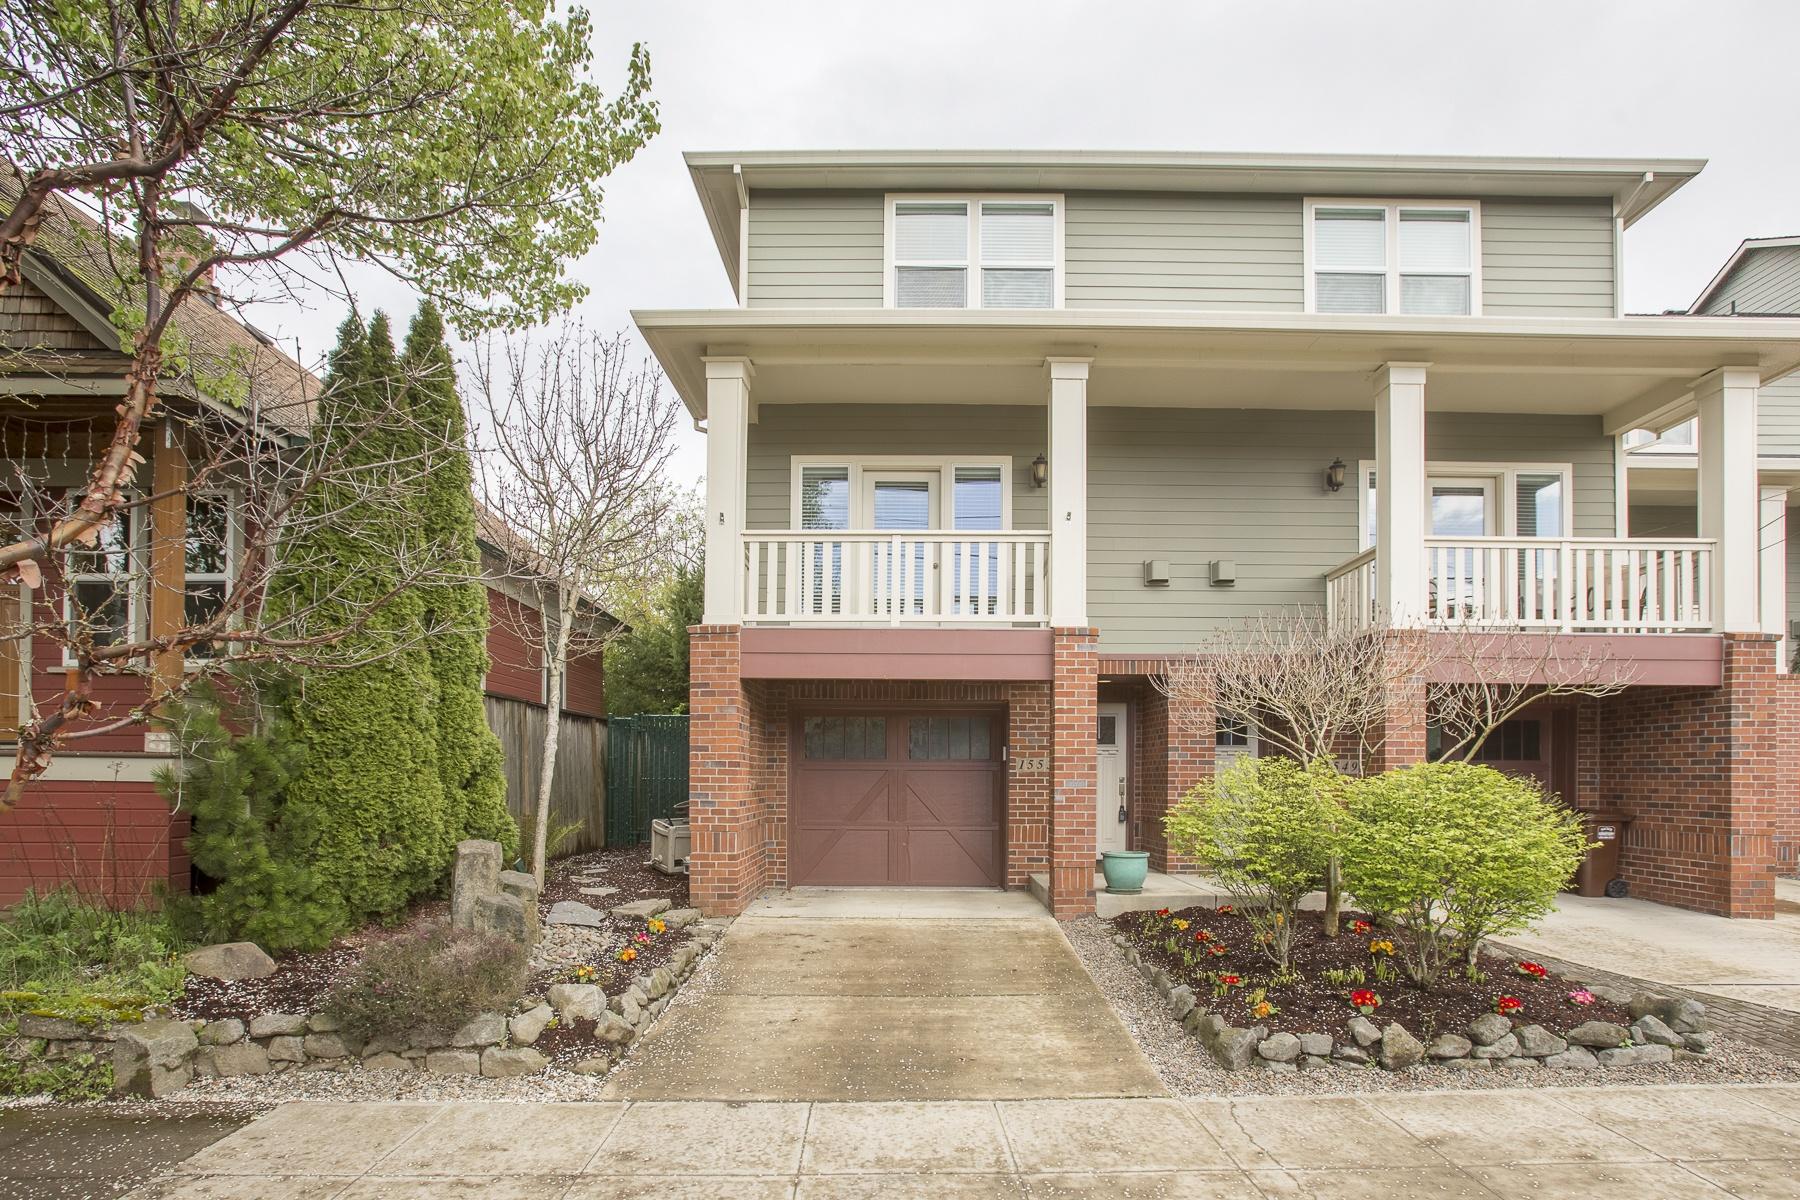 独户住宅 为 销售 在 1553 N PRESCOTT ST, PORTLAND 波特兰, 俄勒冈州, 97217 美国